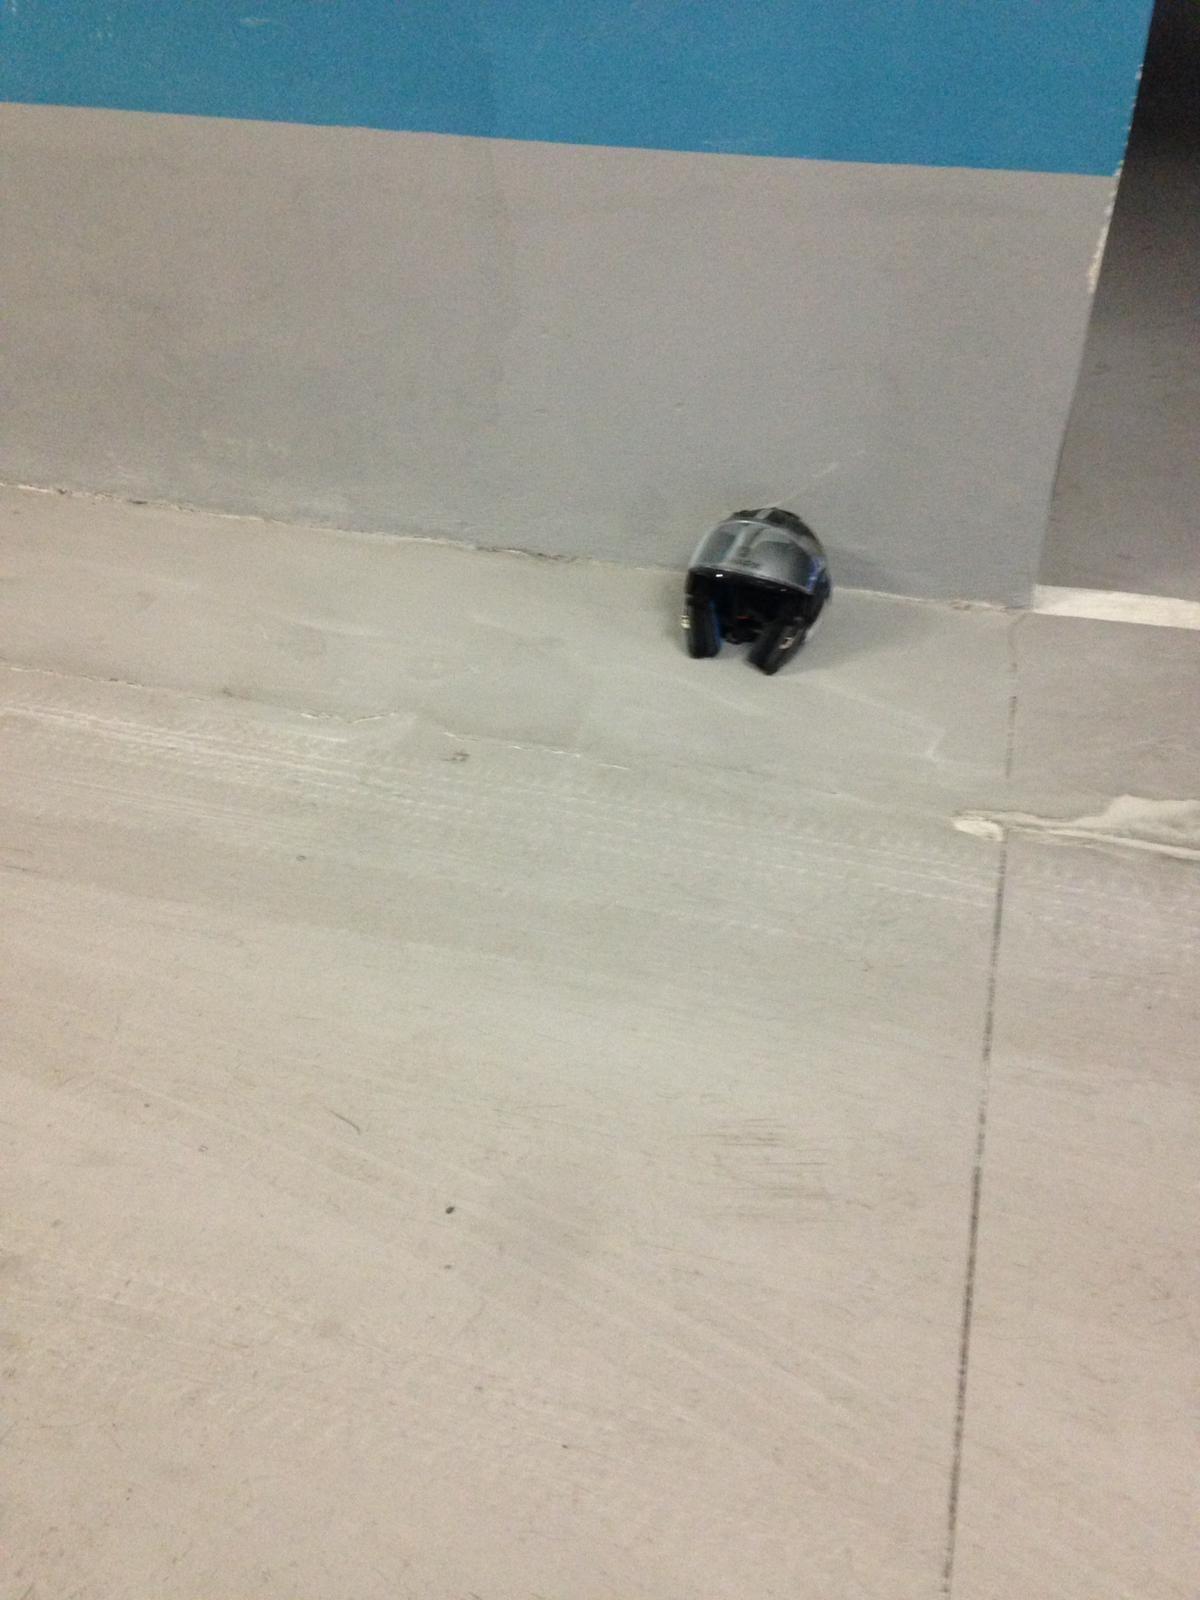 Oleada de robos y actos vandálicos en un edificio de la calle Pelleteria